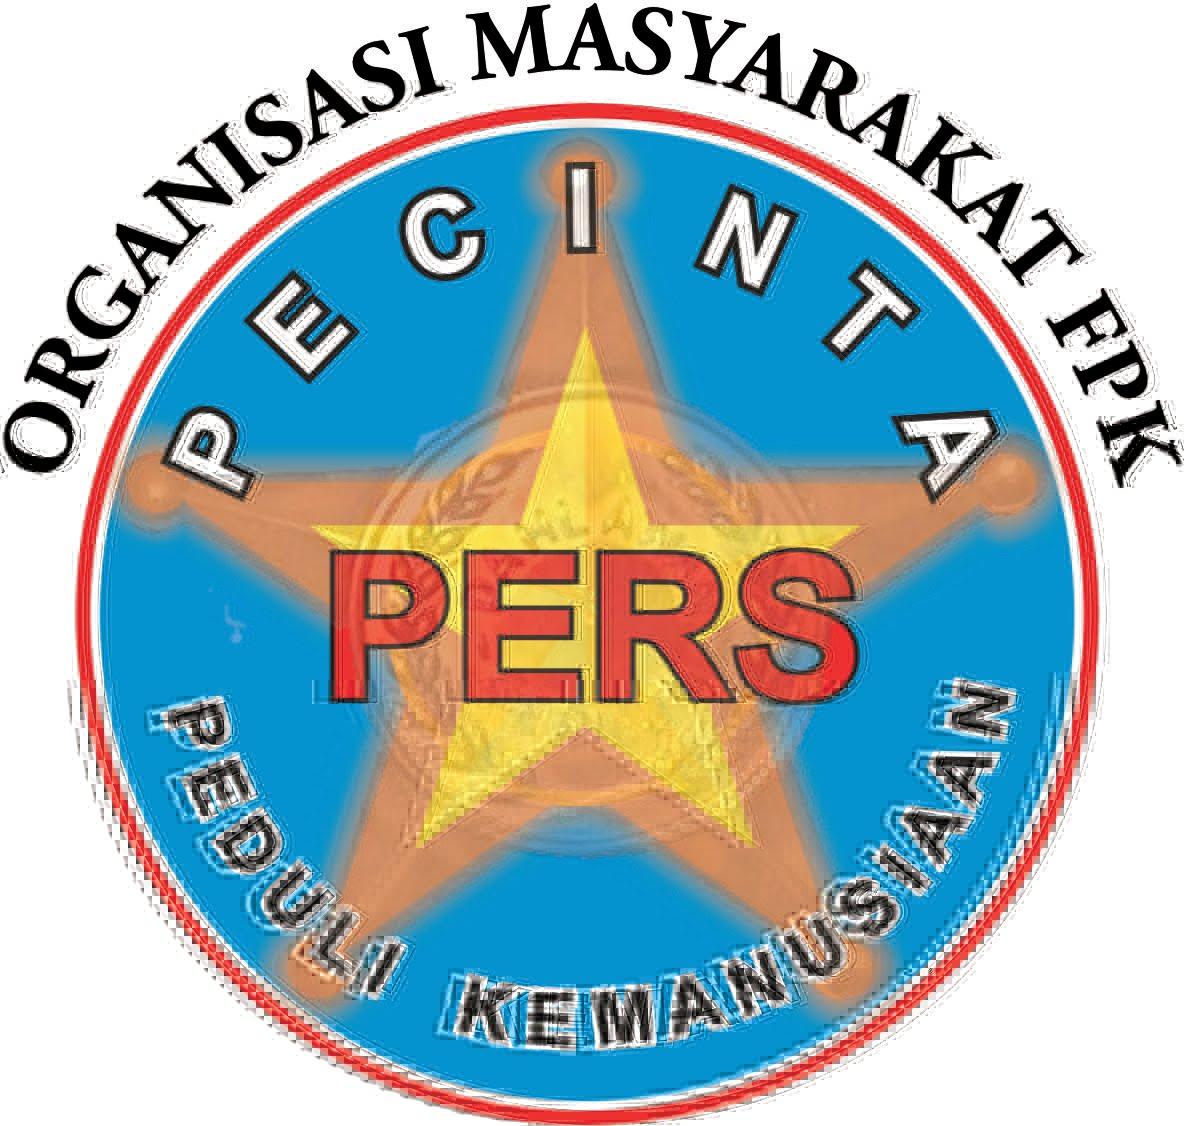 Organisasi Masyarakat Front Pembela Keadilan (FPK)    semboyan  Pecinta  Pers  Peduli Kemanusiaan